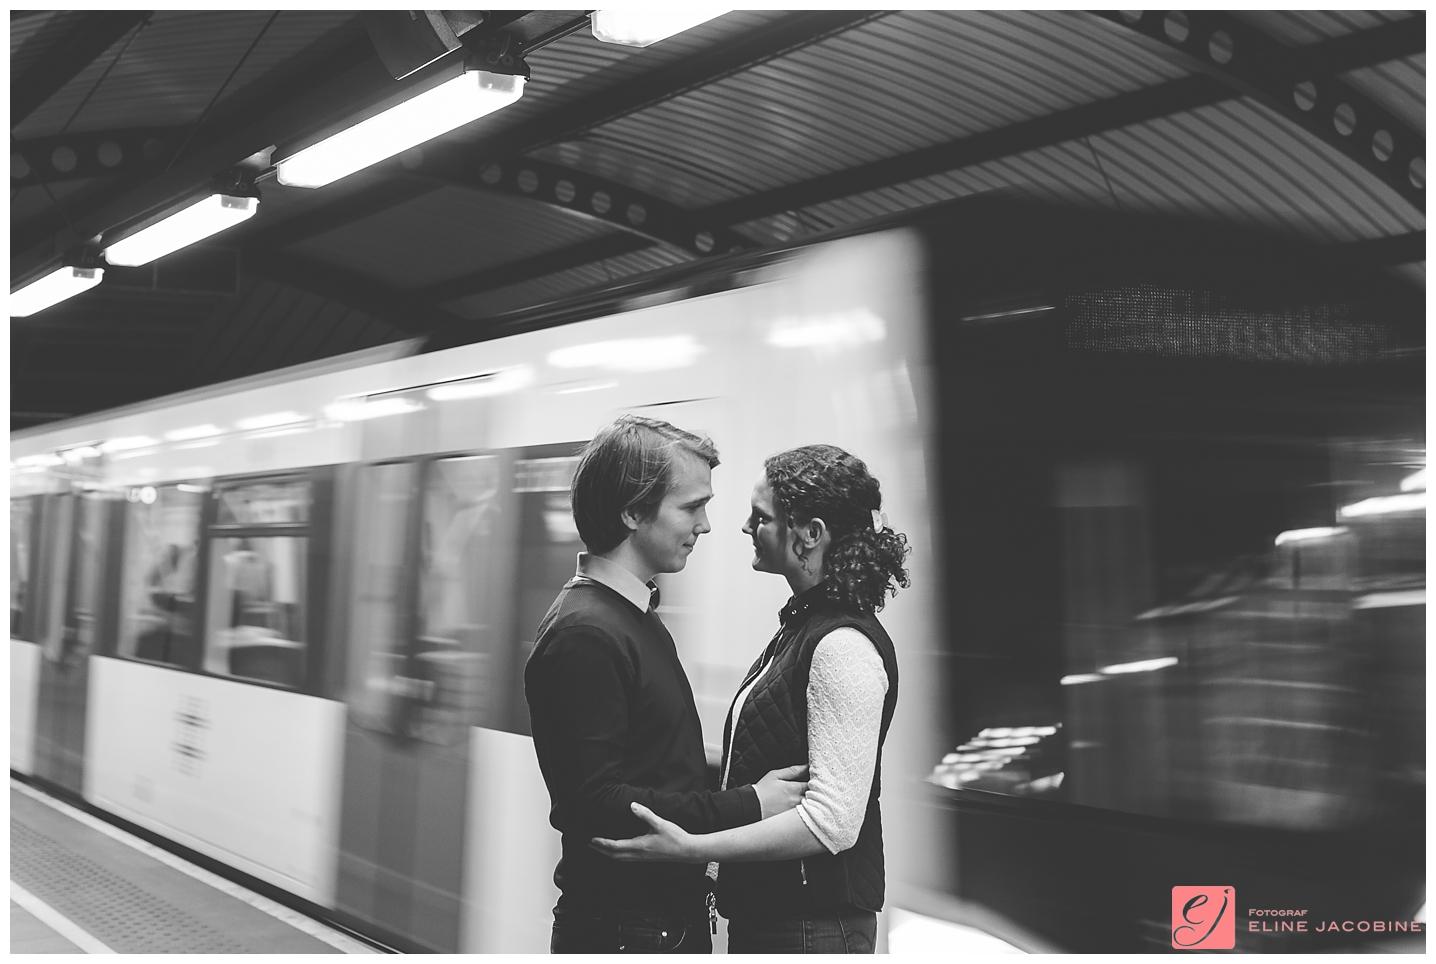 Kjæreste bilder urban t-bane